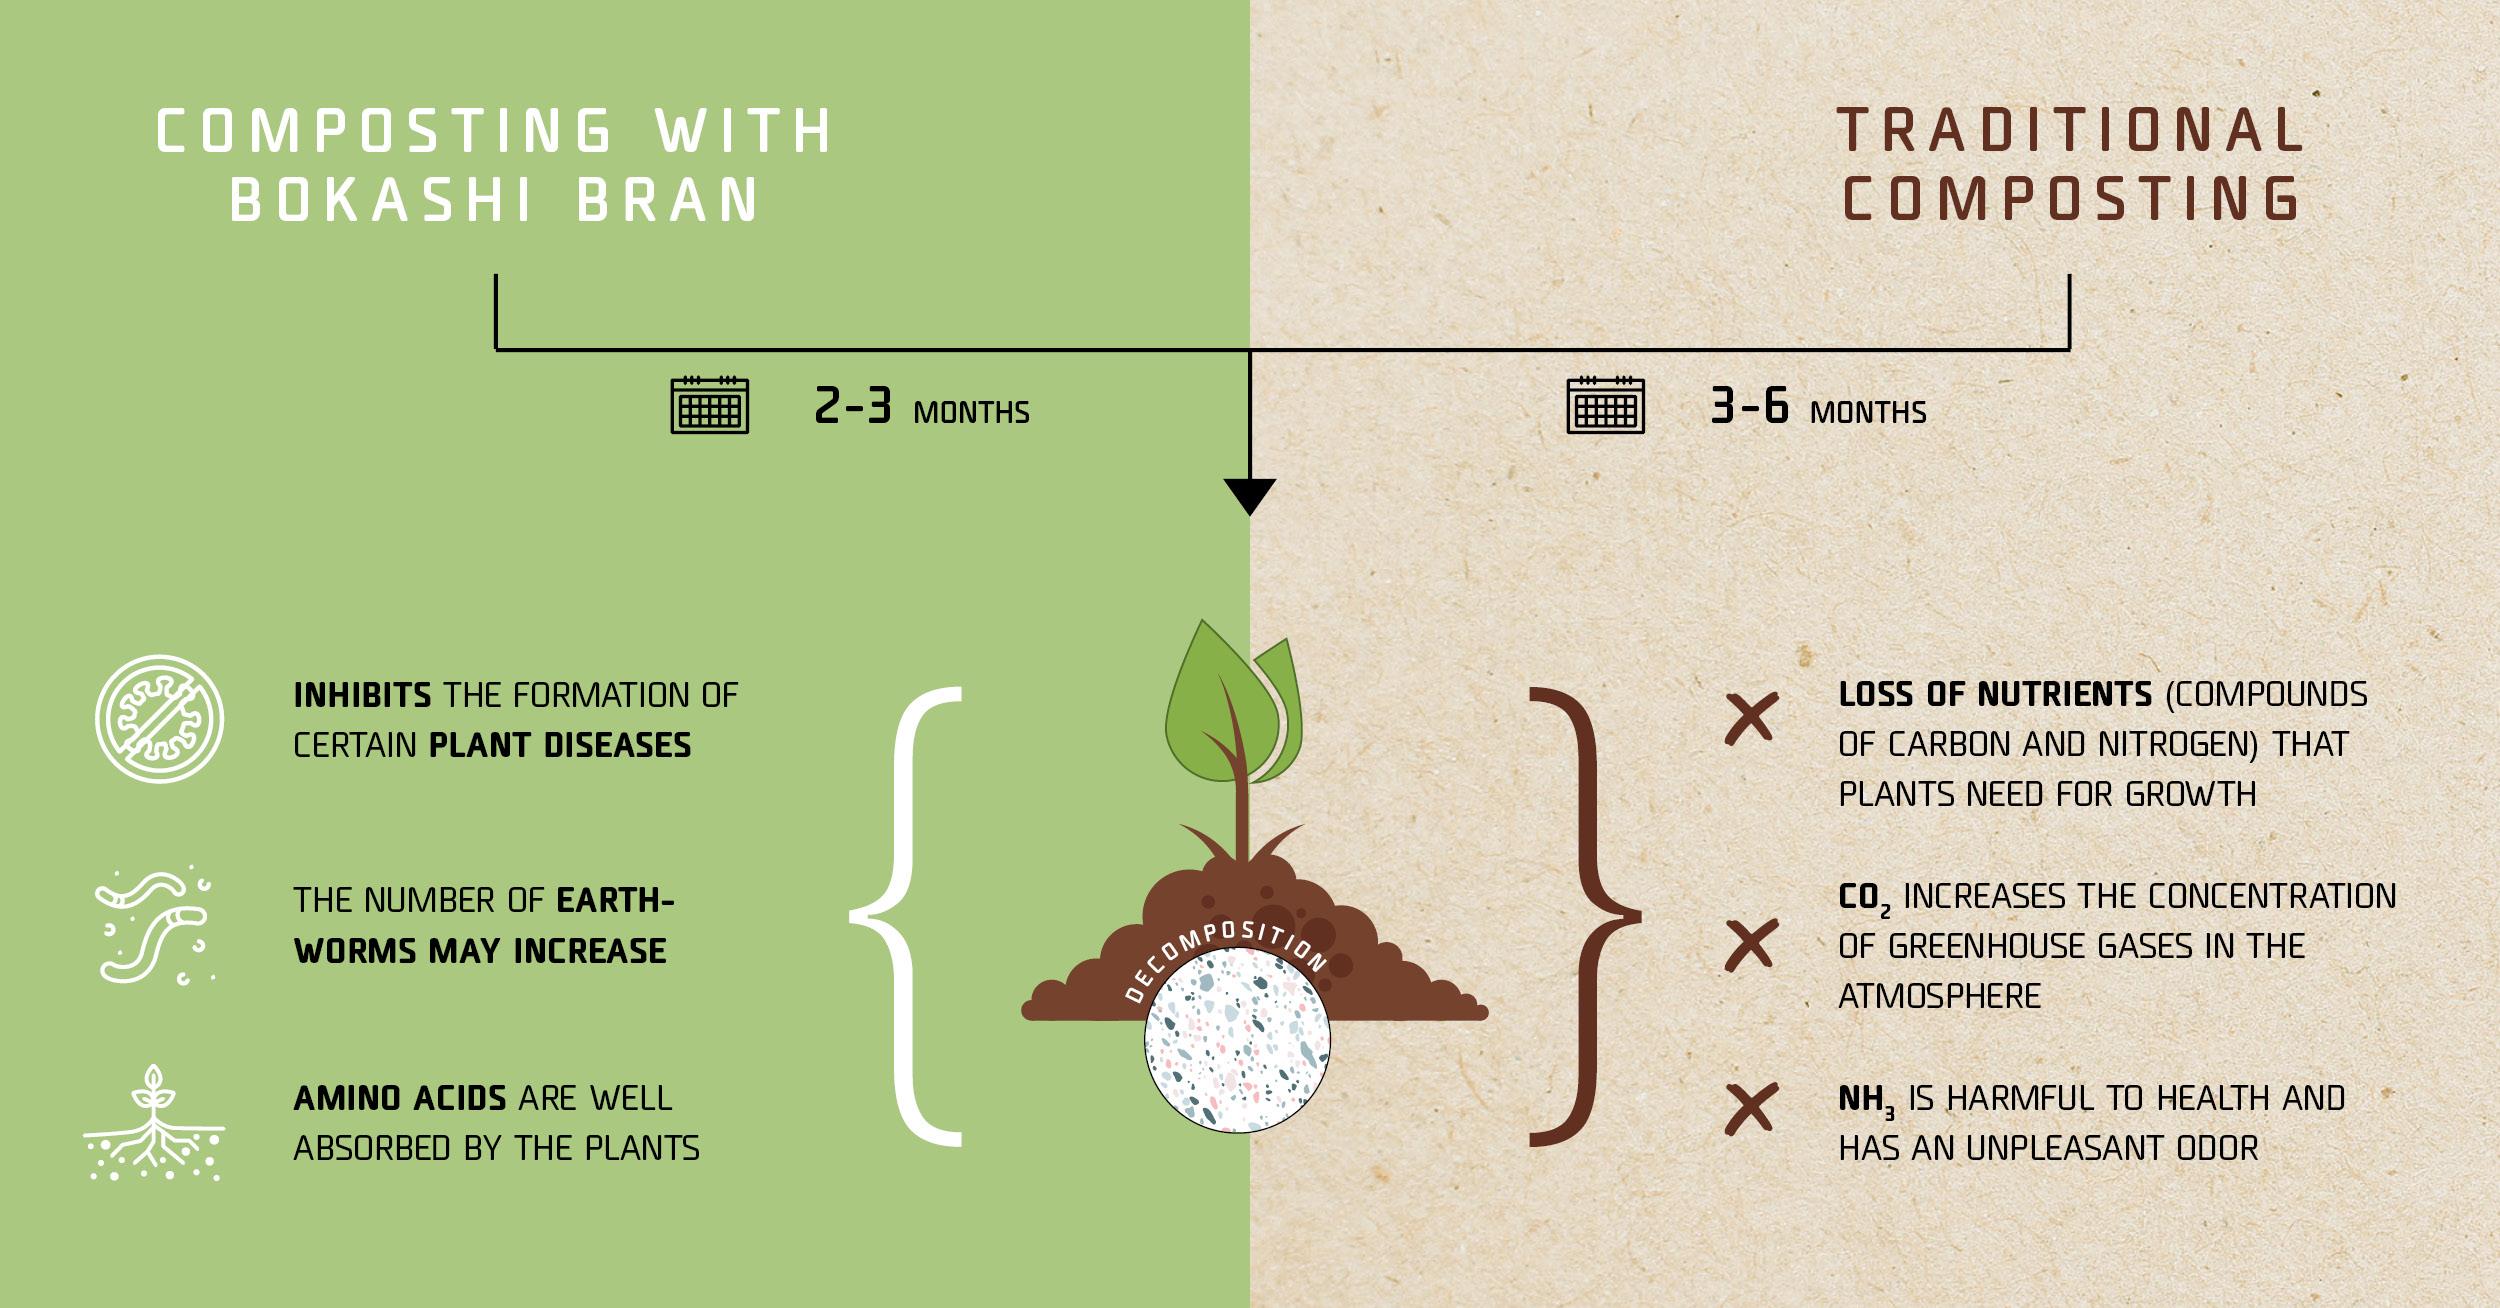 Bokashi composting vs traditional composting